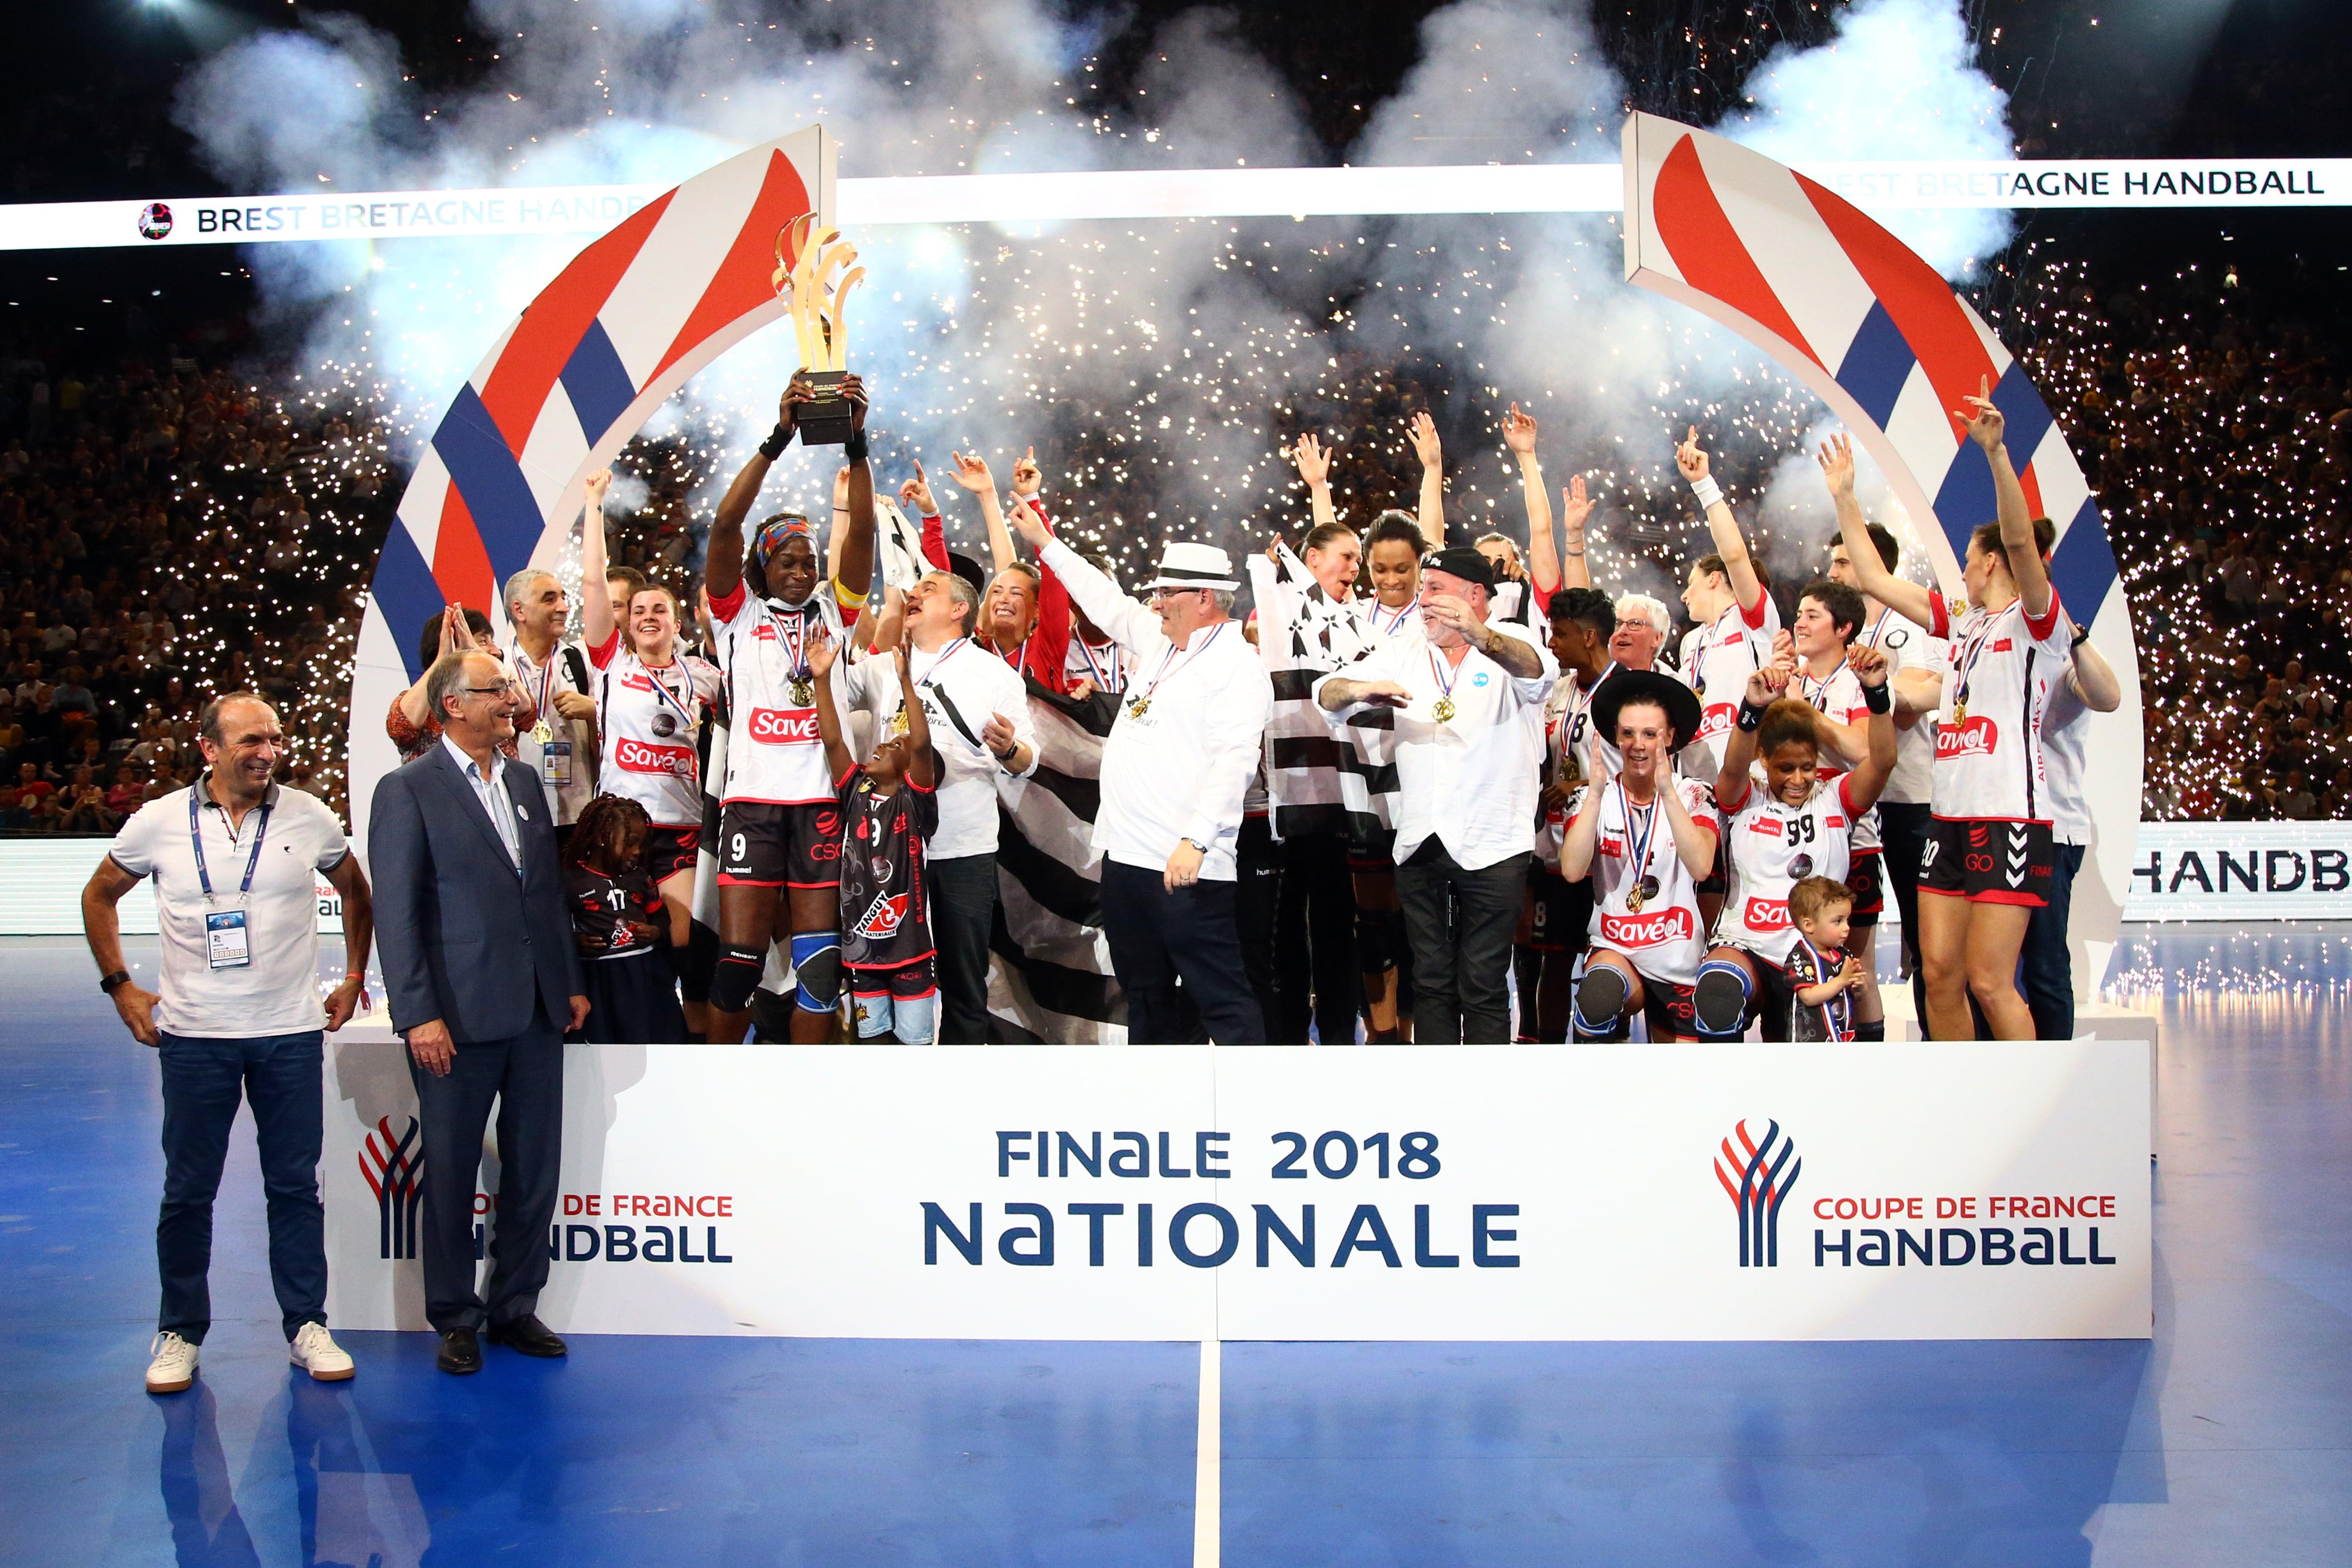 Handball les filles de brest remporte la finale de la coupe de france - Handball coupe de france ...